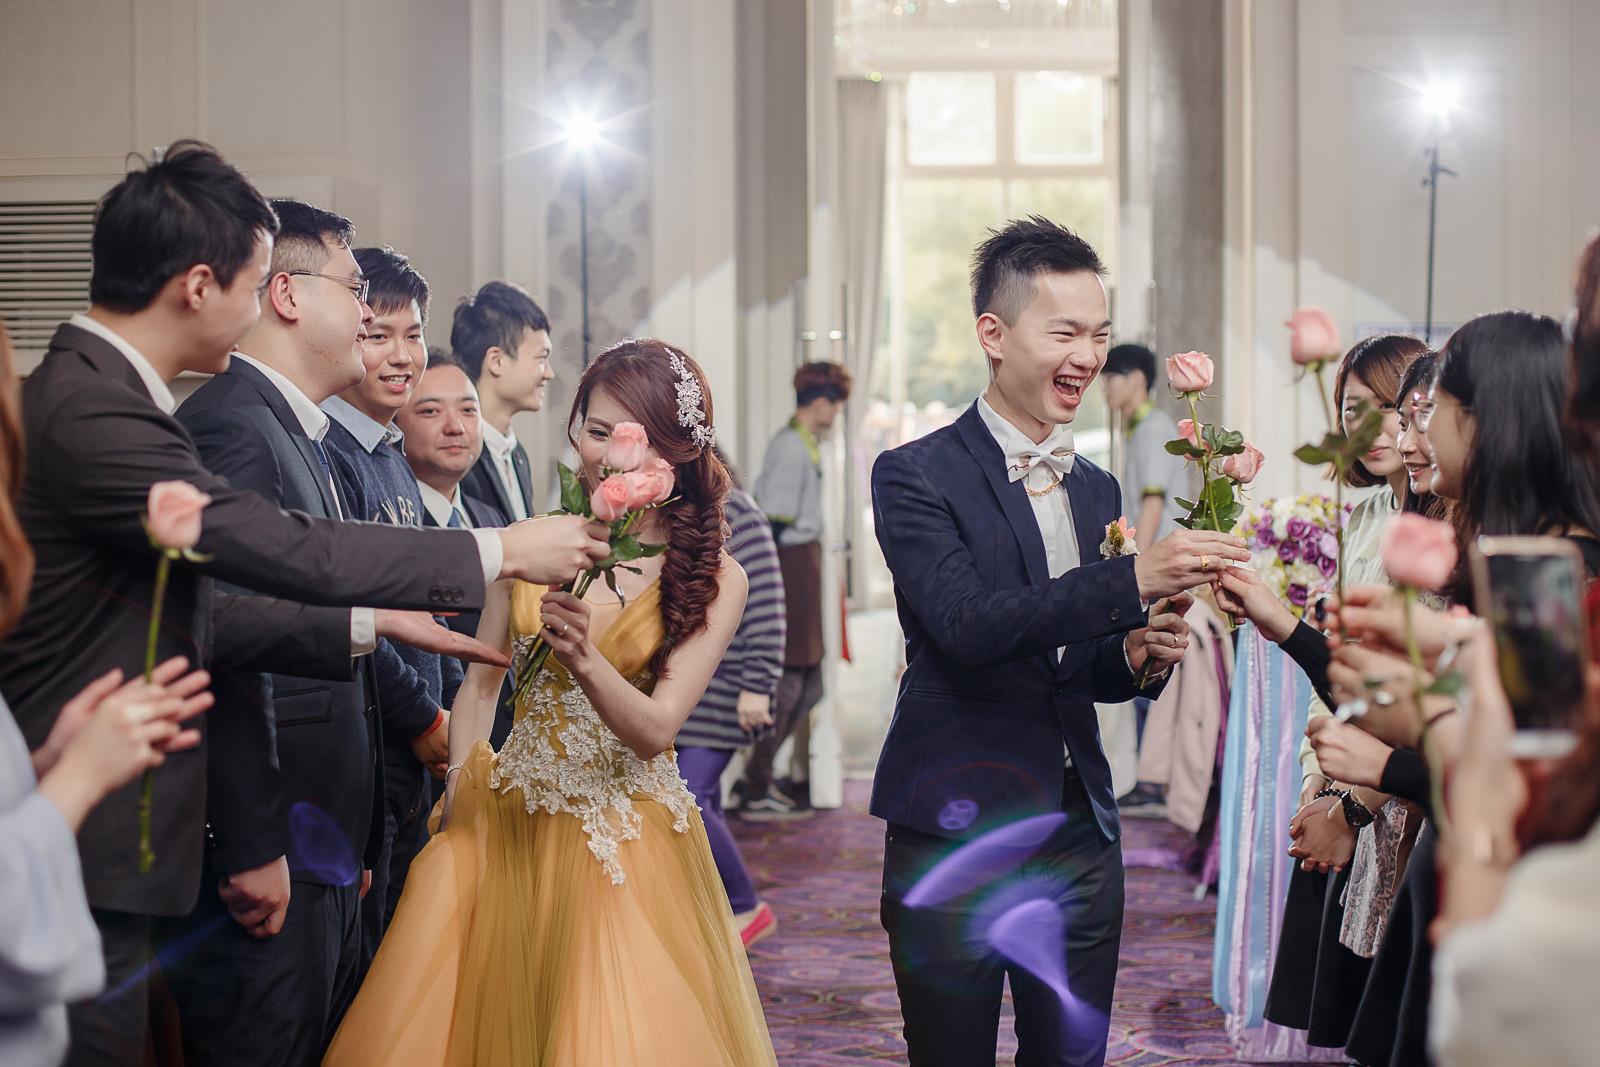 高雄圓山飯店,婚禮攝影,婚攝,高雄婚攝,優質婚攝推薦,Jen&Ethan-279